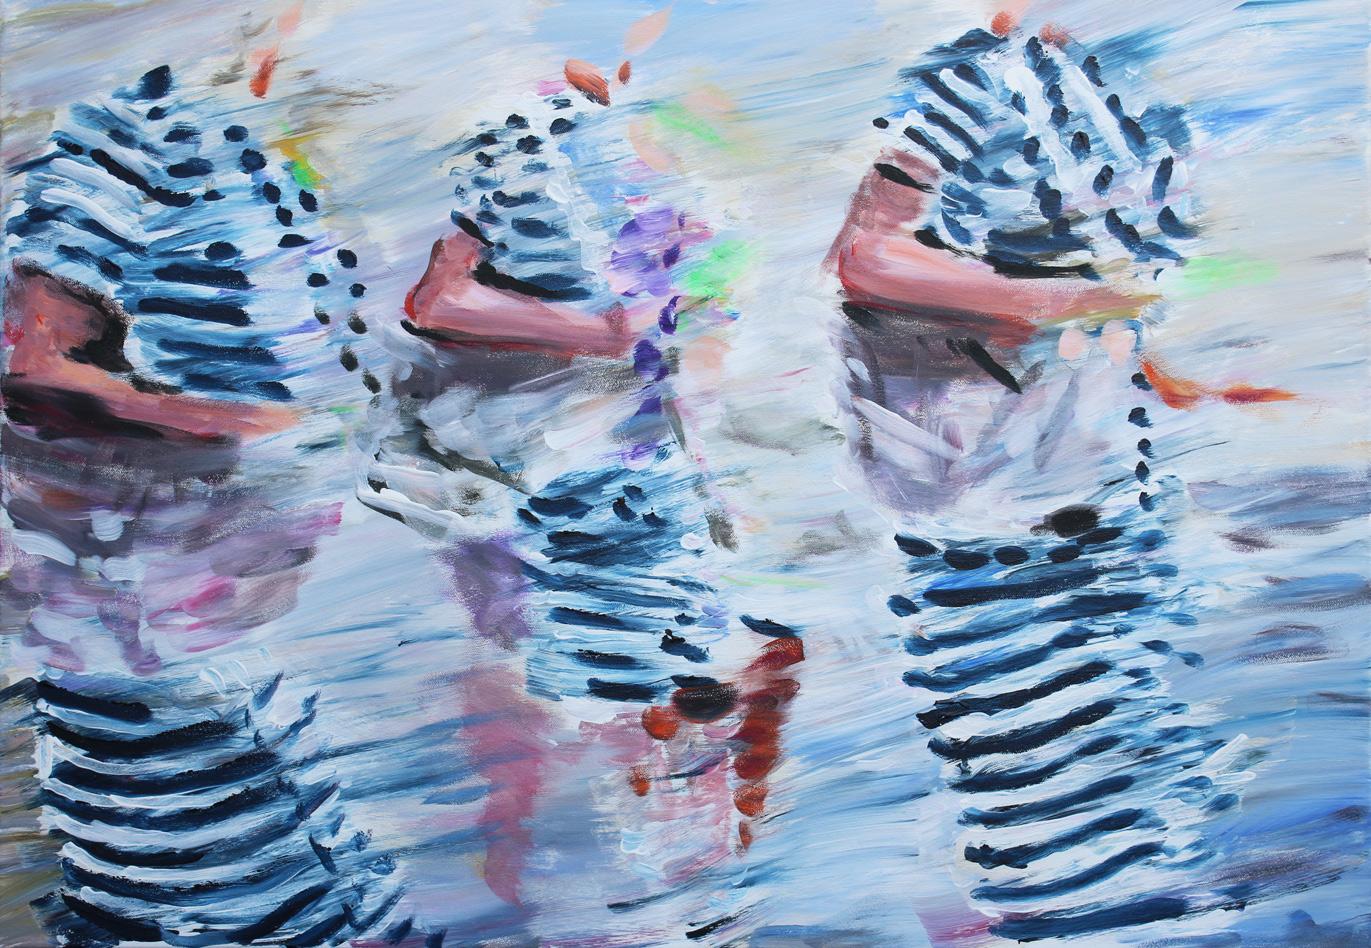 On Champs Elysees, Öl auf Leinwand, 70 x 100 cm, 2017